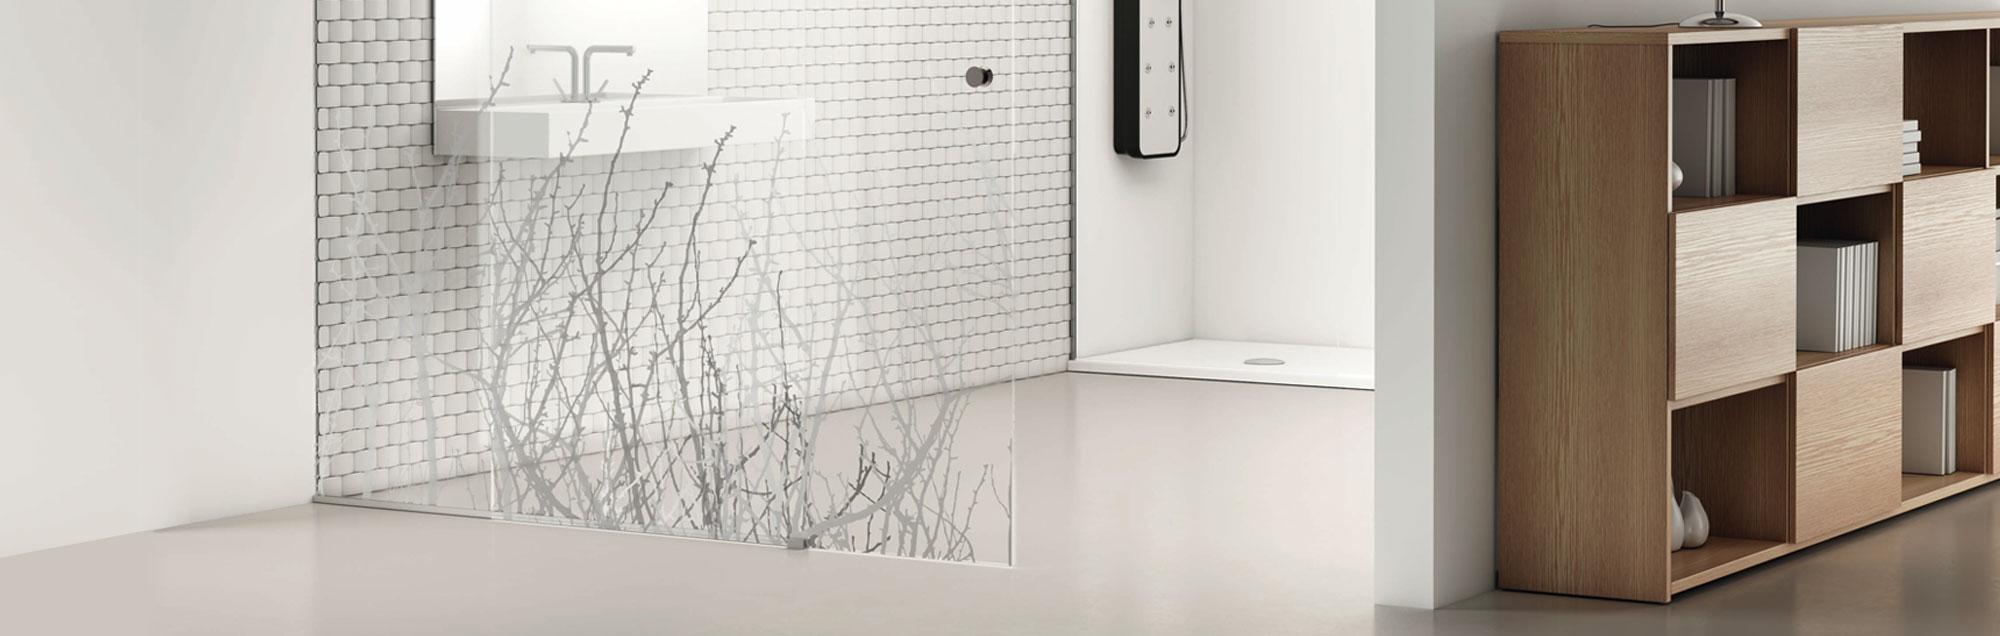 Série Kosmos de portas corrediças de vidro por medida da PROFILTEK